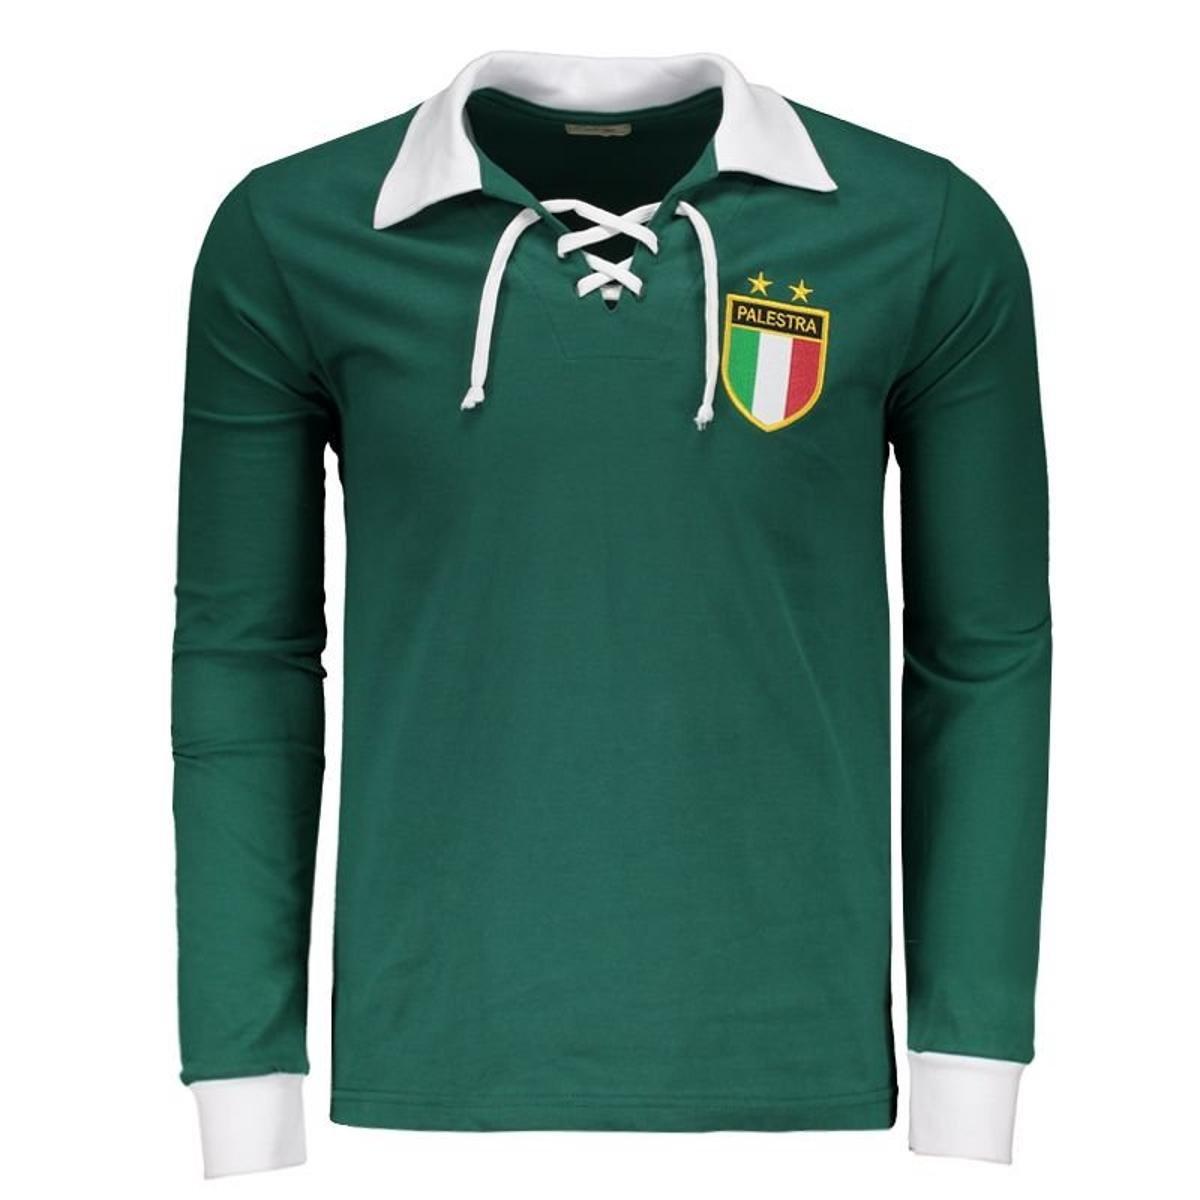 Camisa Palmeiras Retrô 1926 Manga Longa Masculina - Compre Agora ... 90441f60269ee